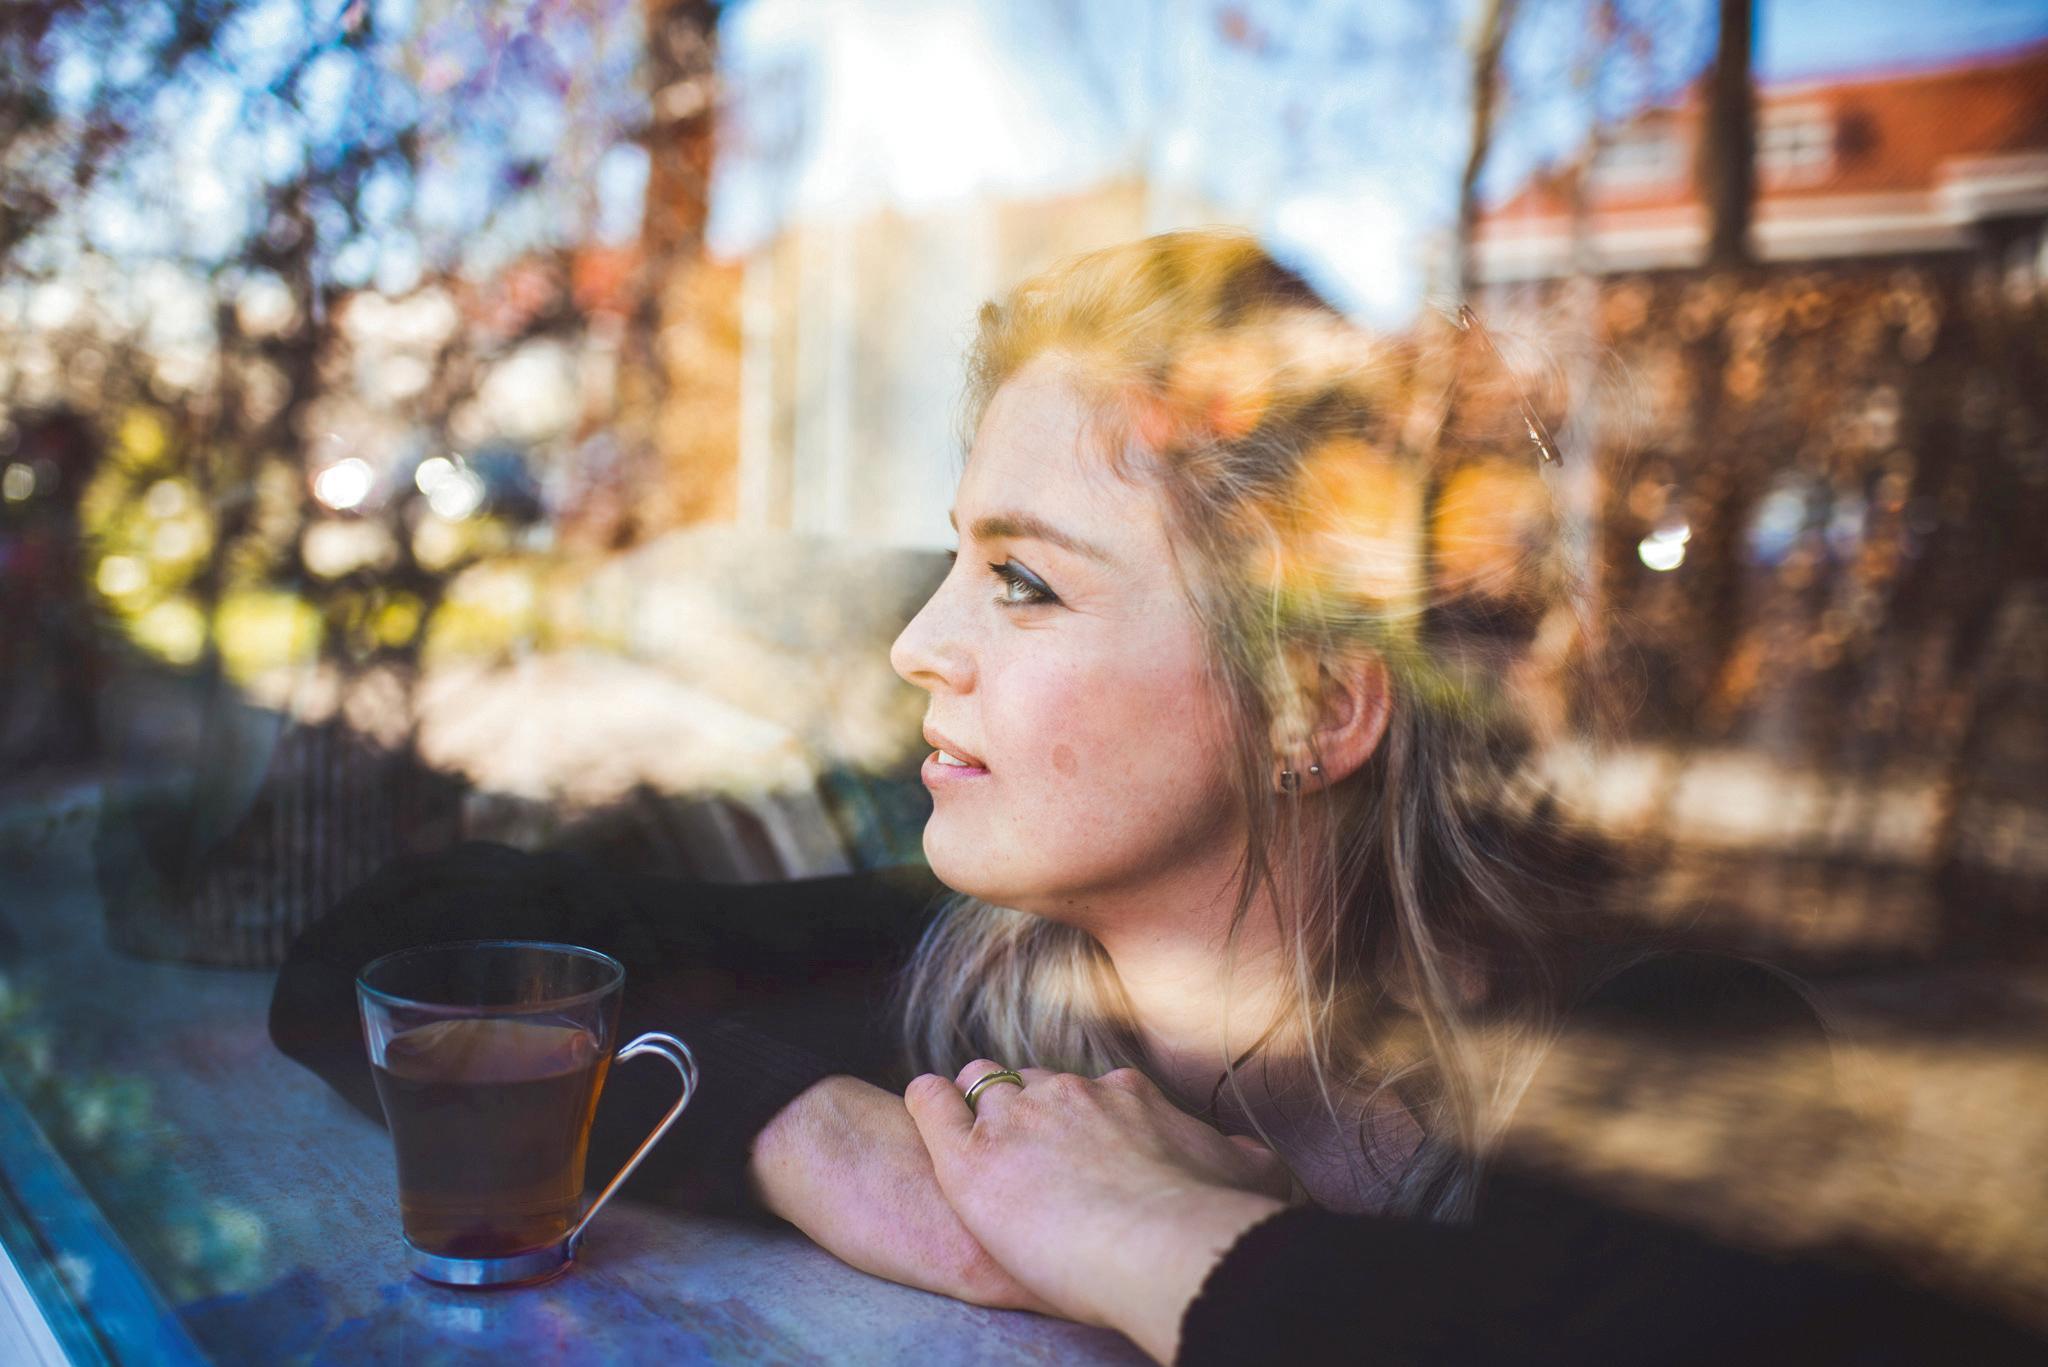 Daniëlle brengt buiten met fotografie binnen: 'Het lenteweer kun je nu mooi laten weerspiegelen in het raam'